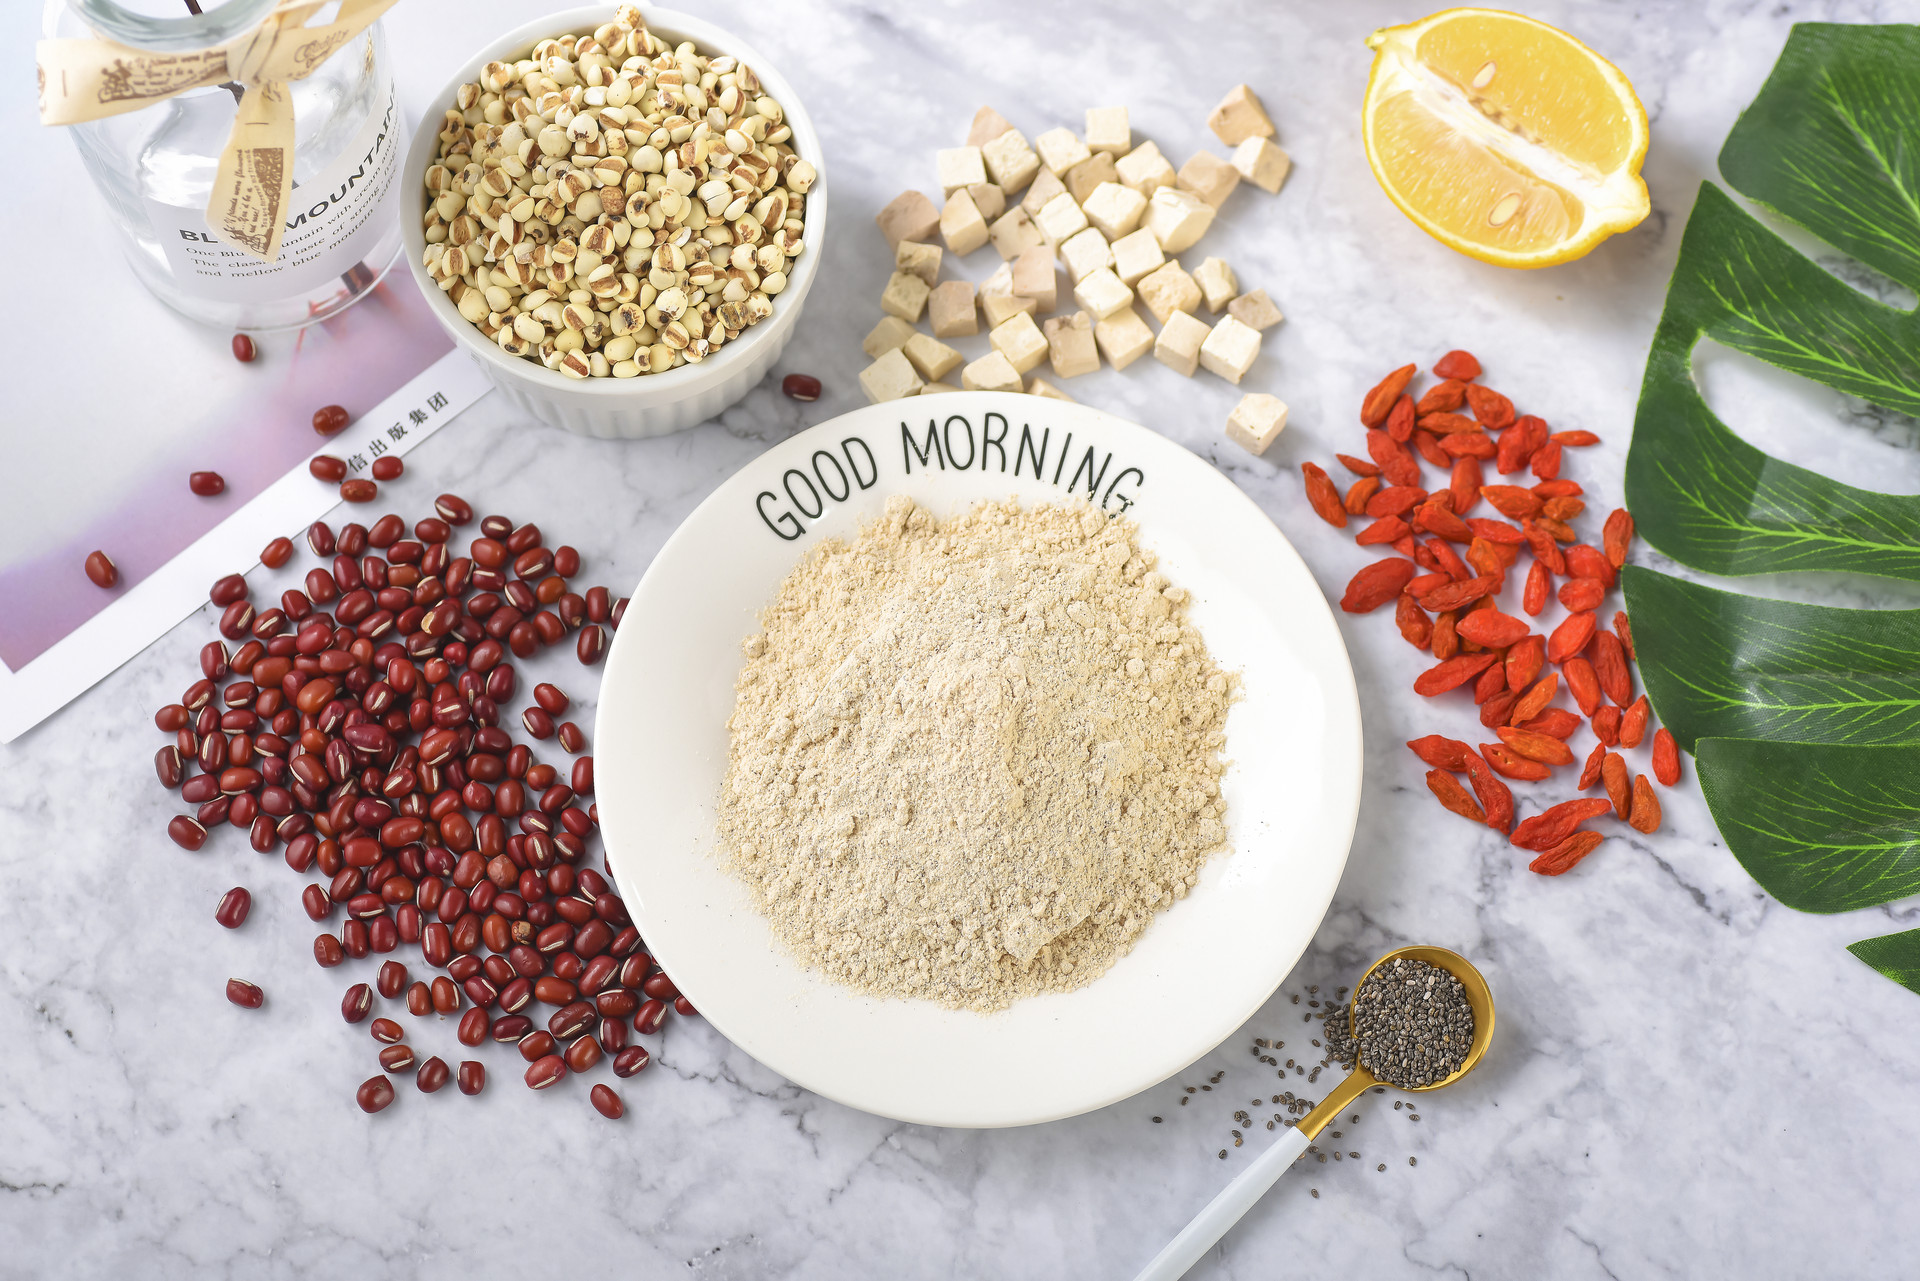 代餐粉停了会反弹吗?怎么科学吃代餐粉?